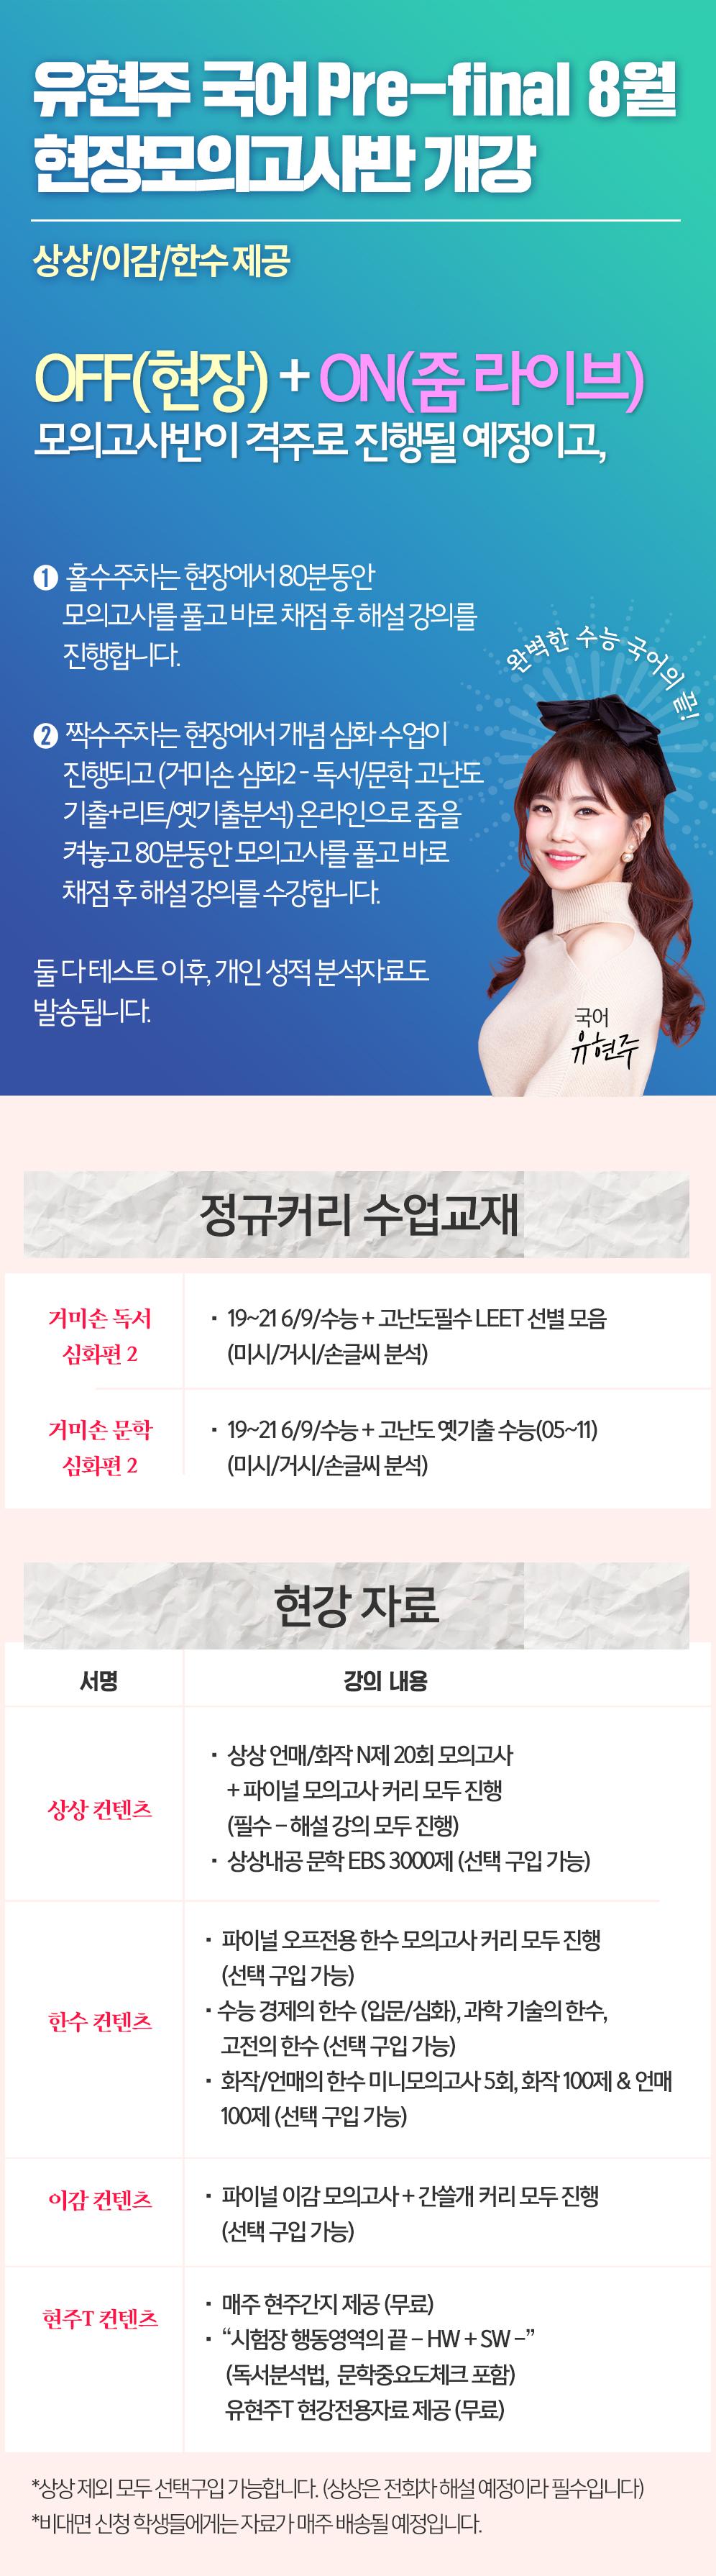 유현주 2022 수능 국어 대비 시즌3 강남